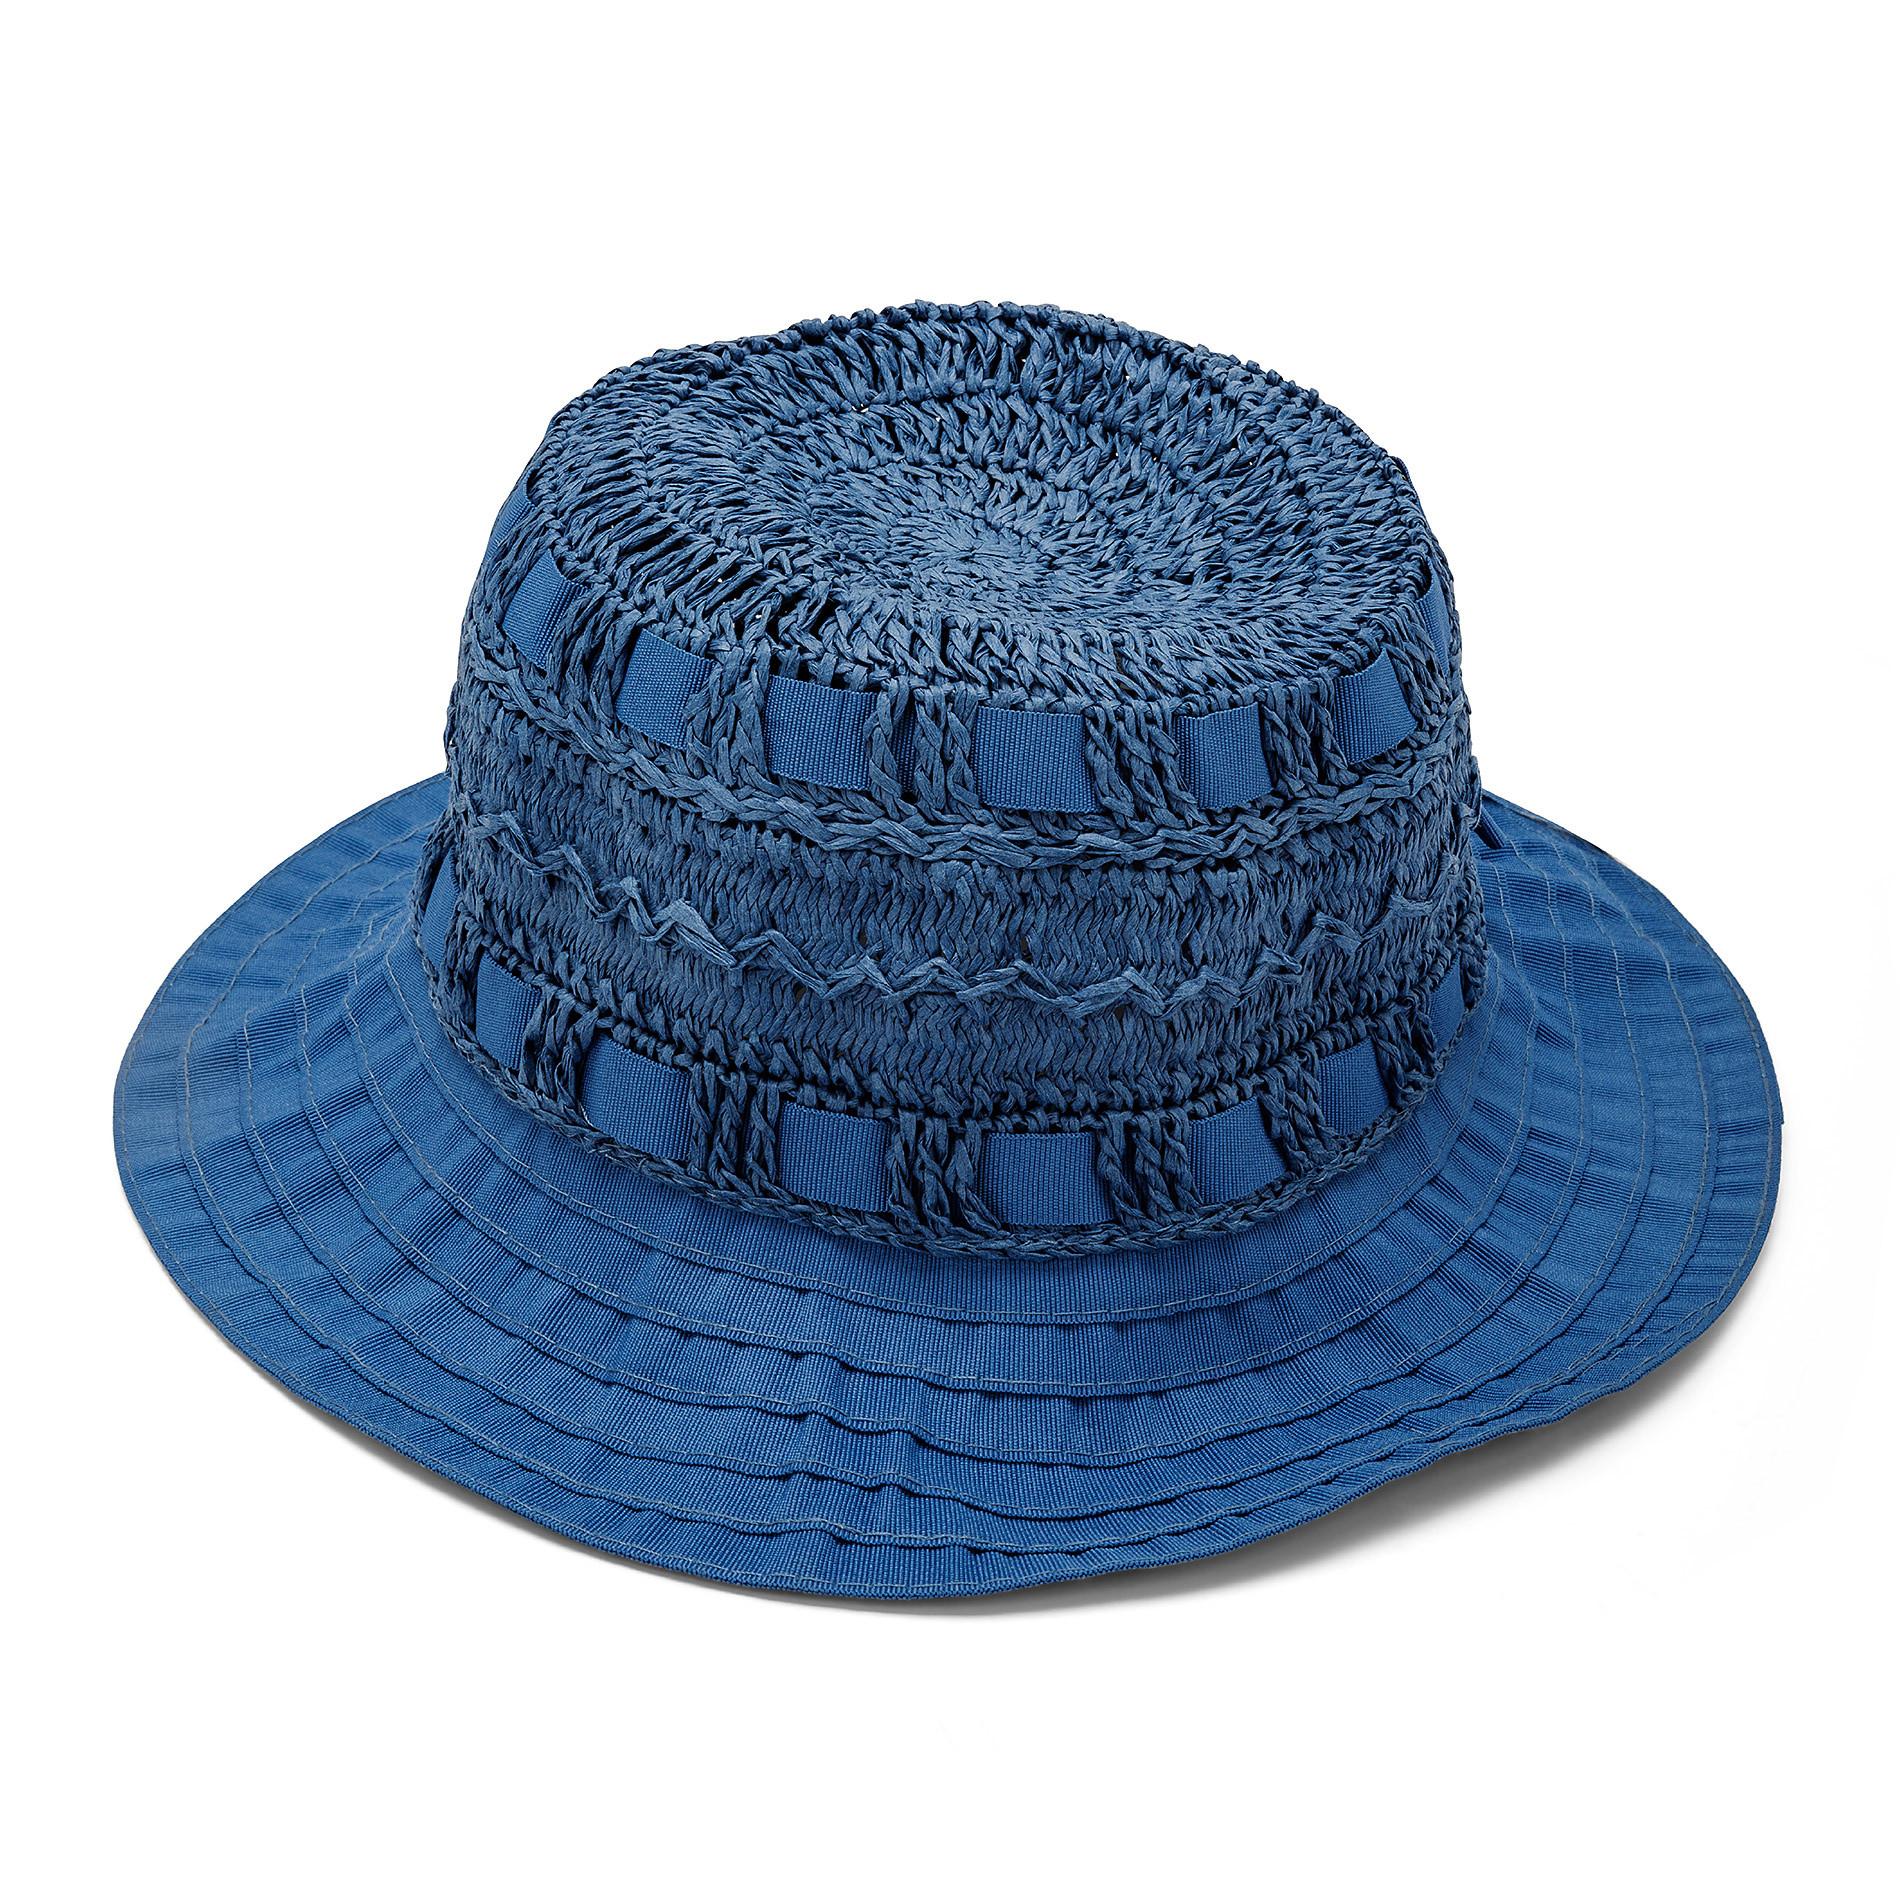 Capello di paglia con merletto Koan, Blu, large image number 0